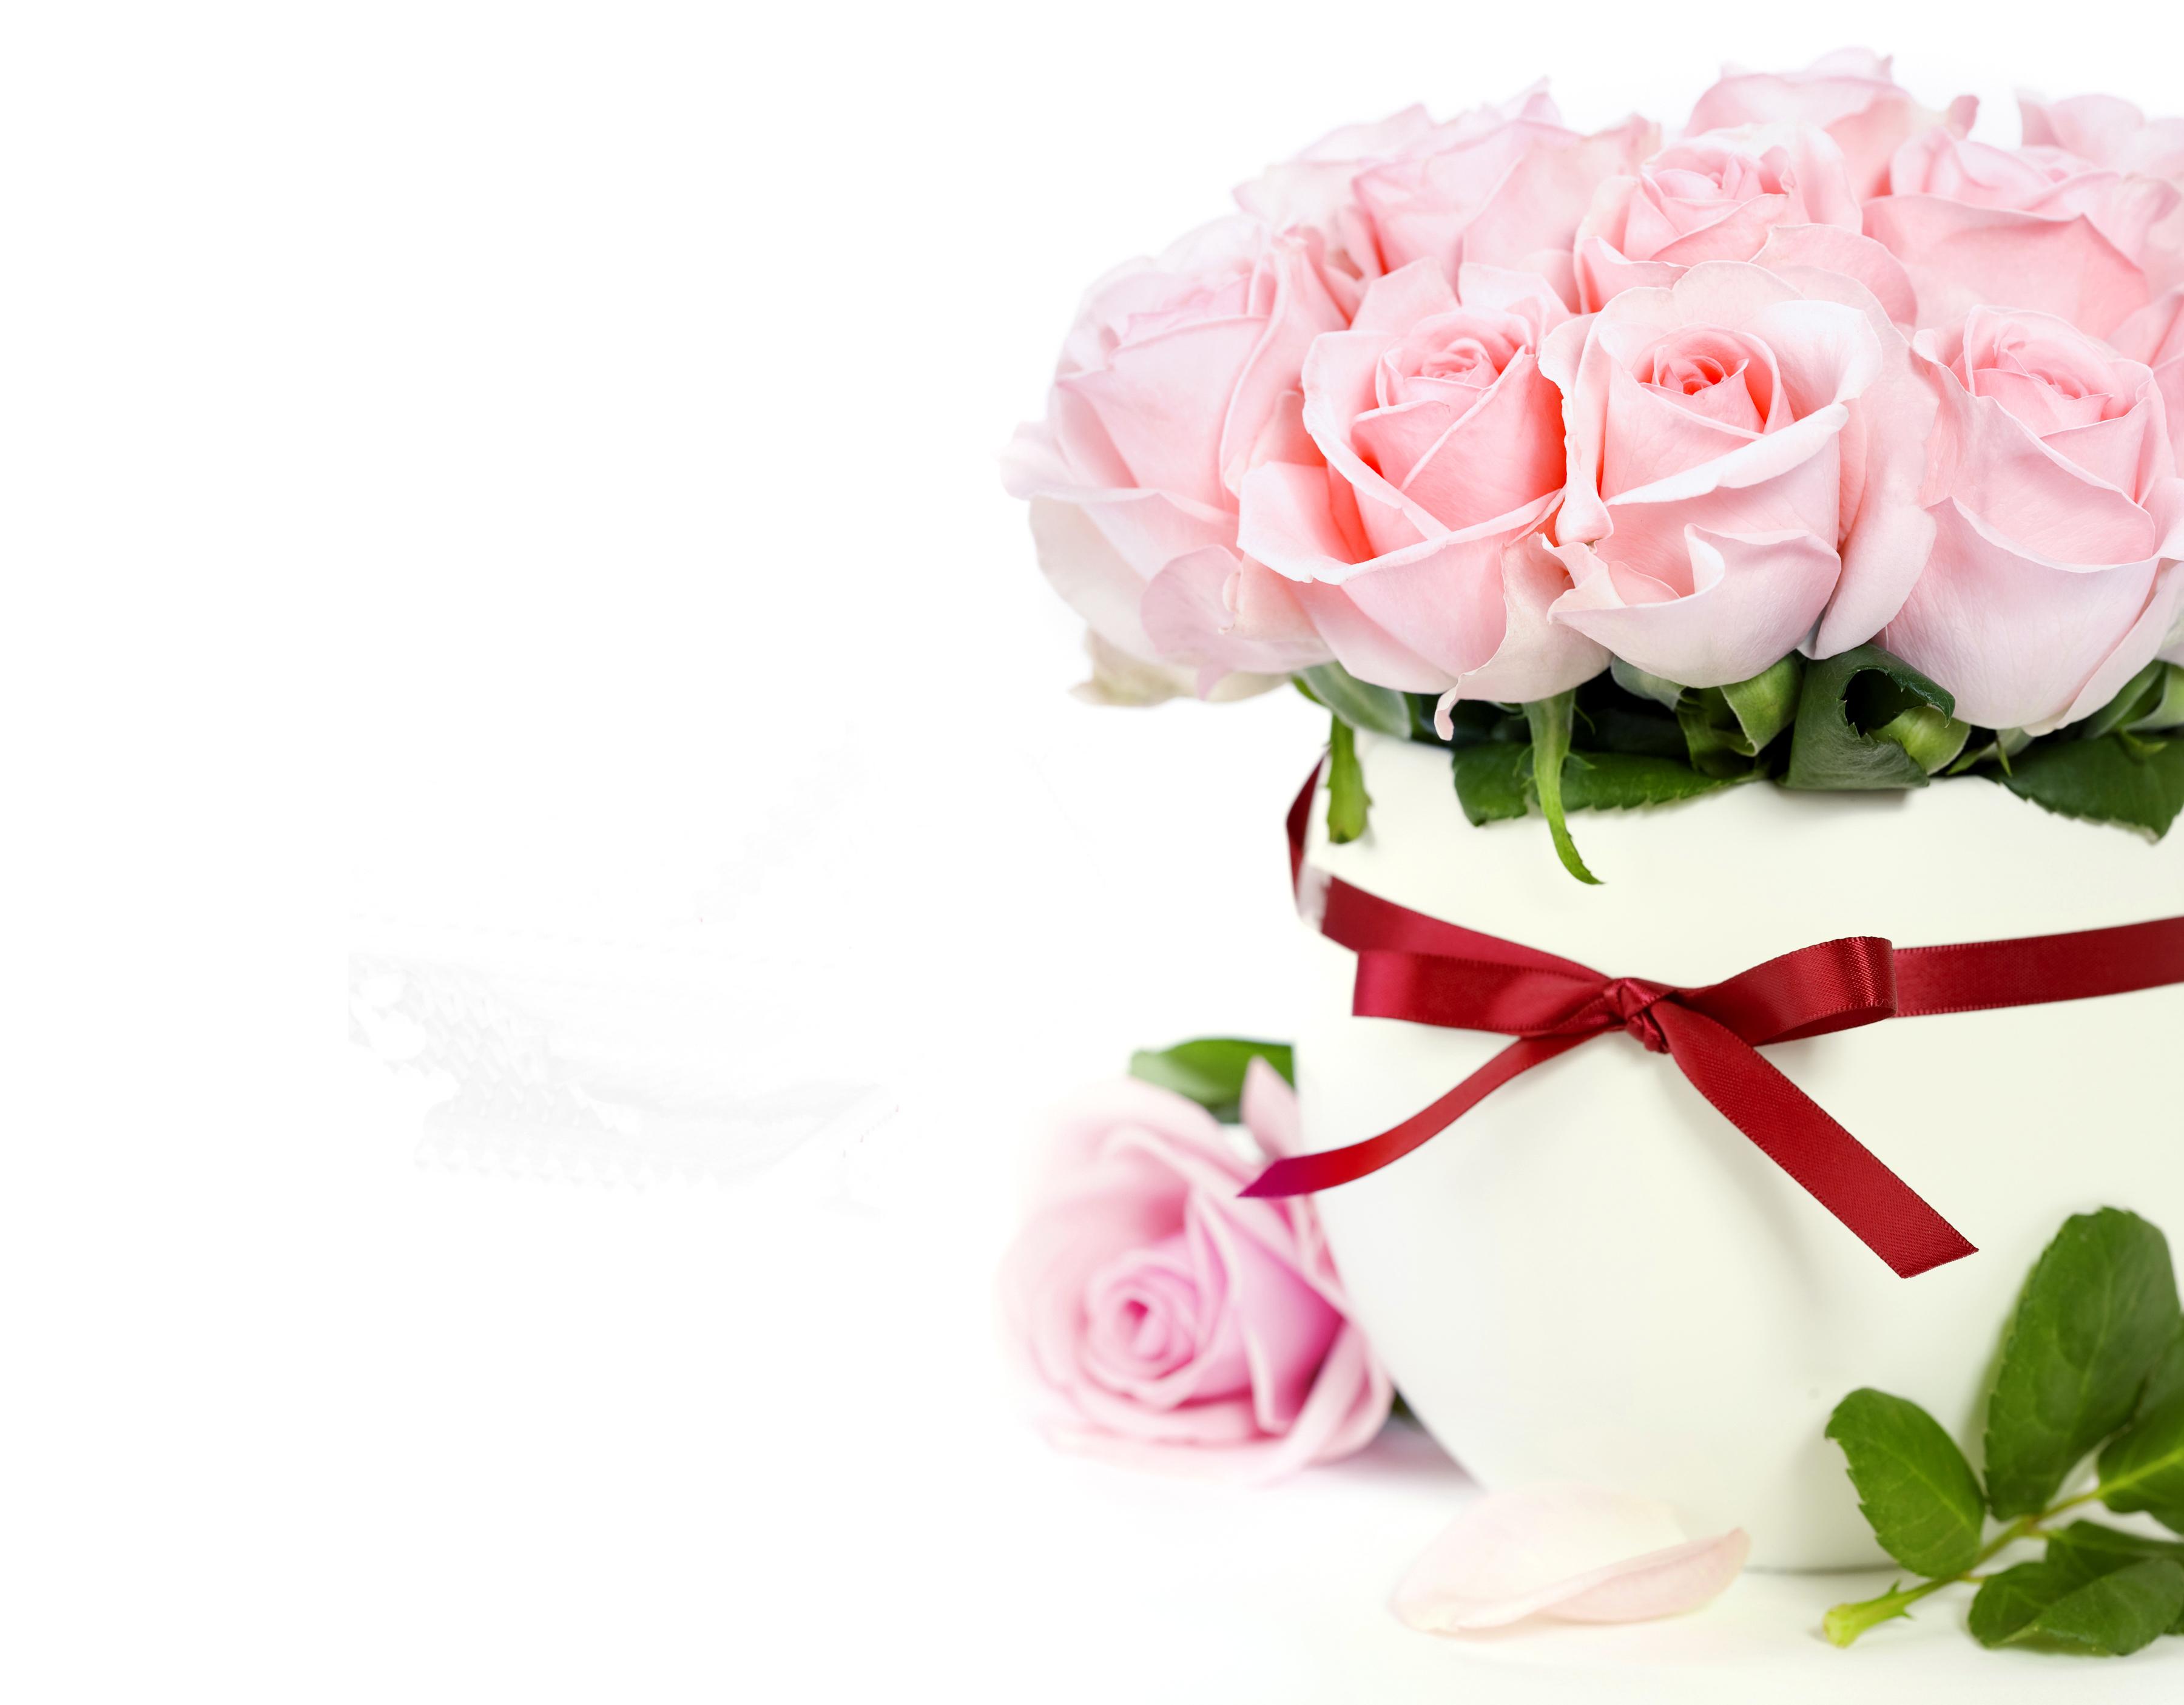 розы,упаковка,букет,праздник  № 759882 без смс